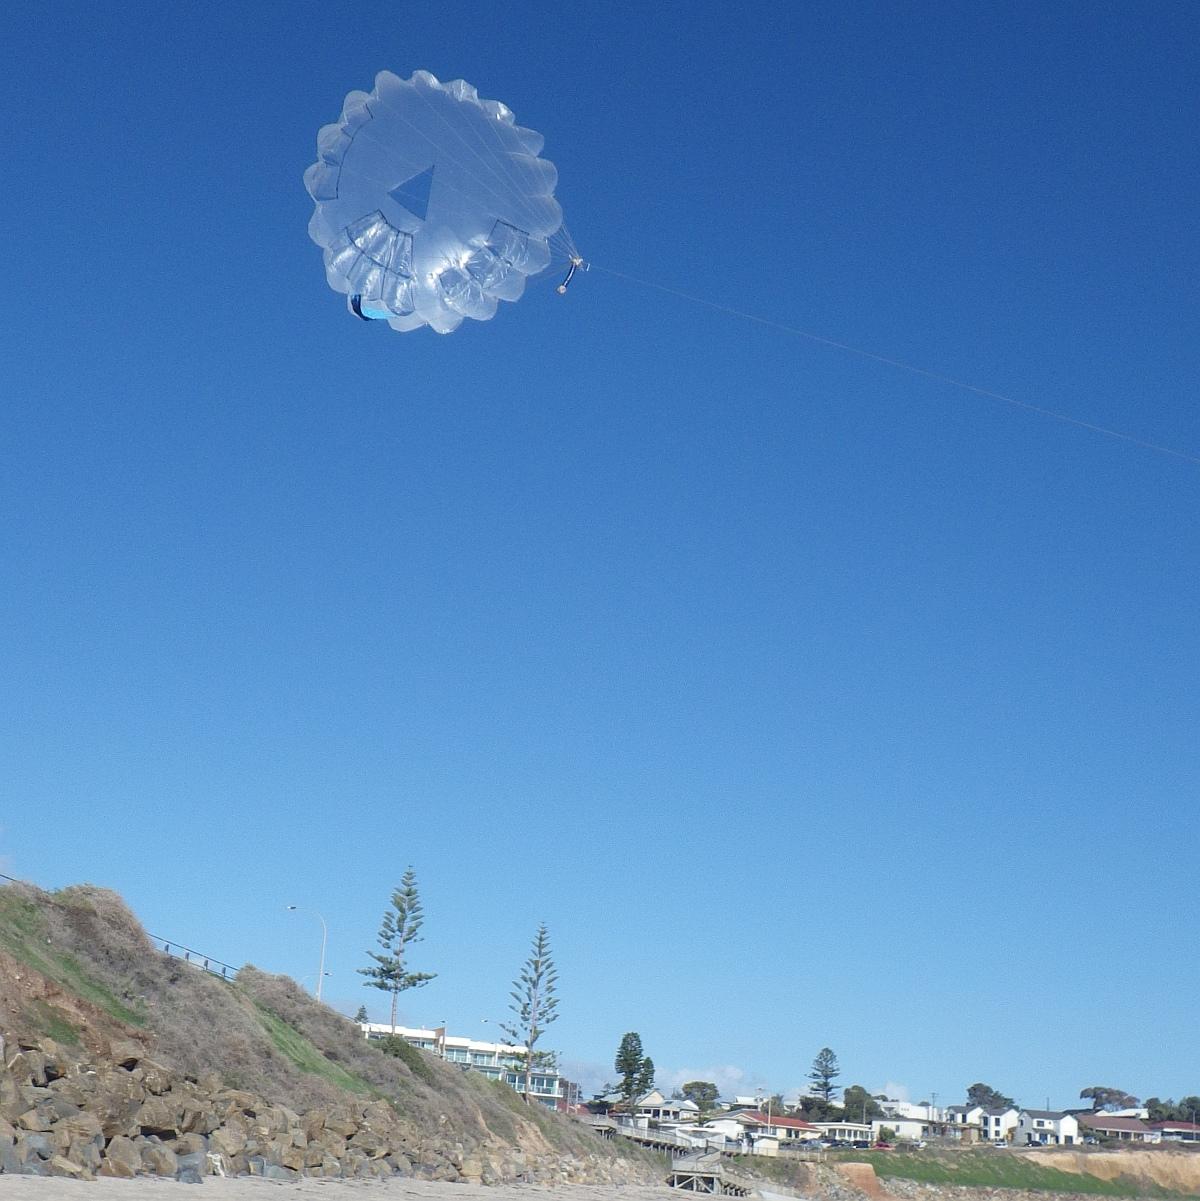 MBK Parasail kite 1 - 2.